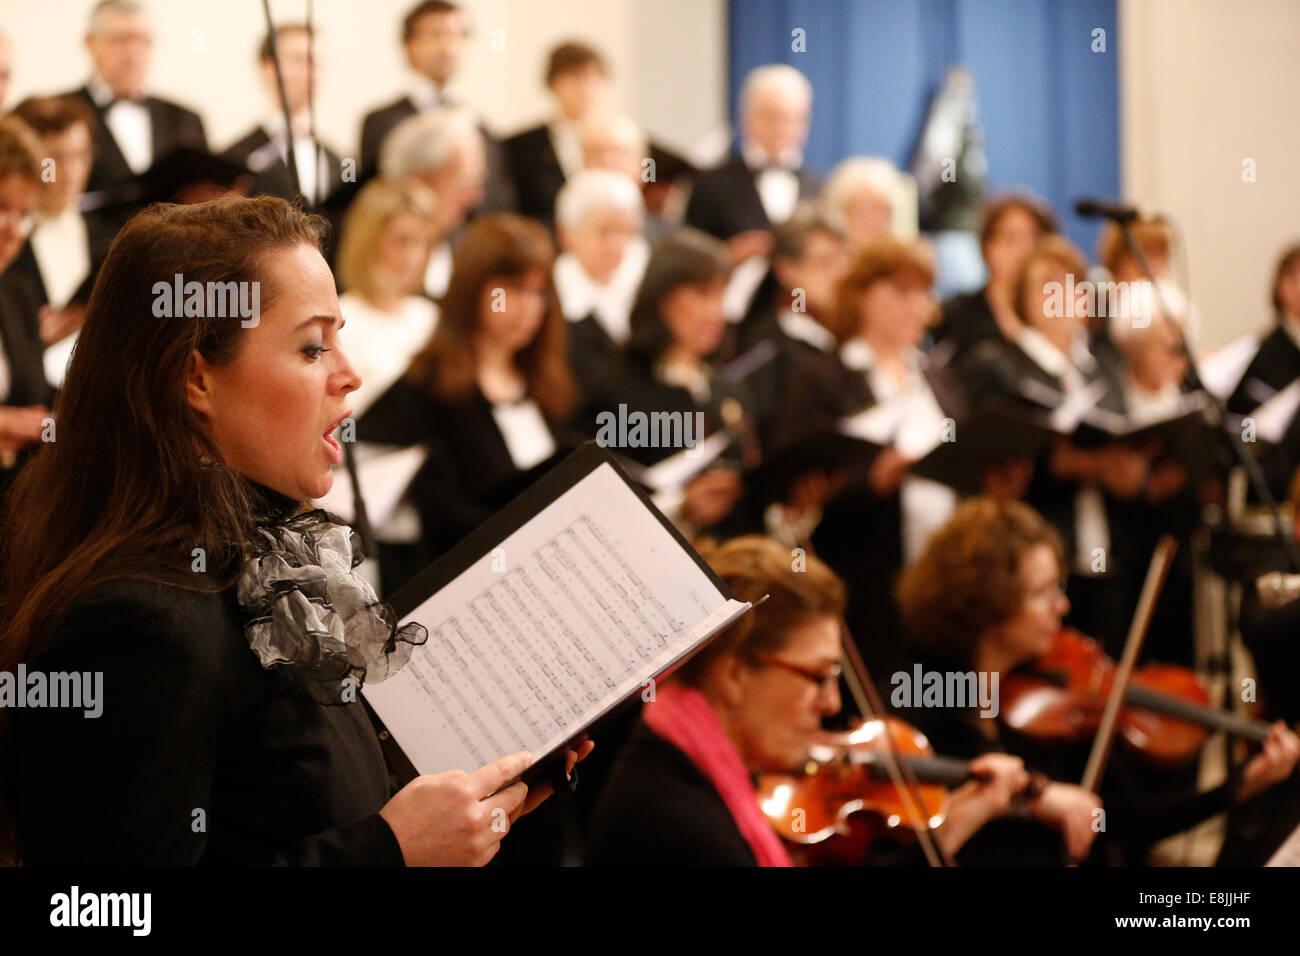 Saint-Louis de Villemomble's choir. Concert. Schubert's mass. - Stock Image